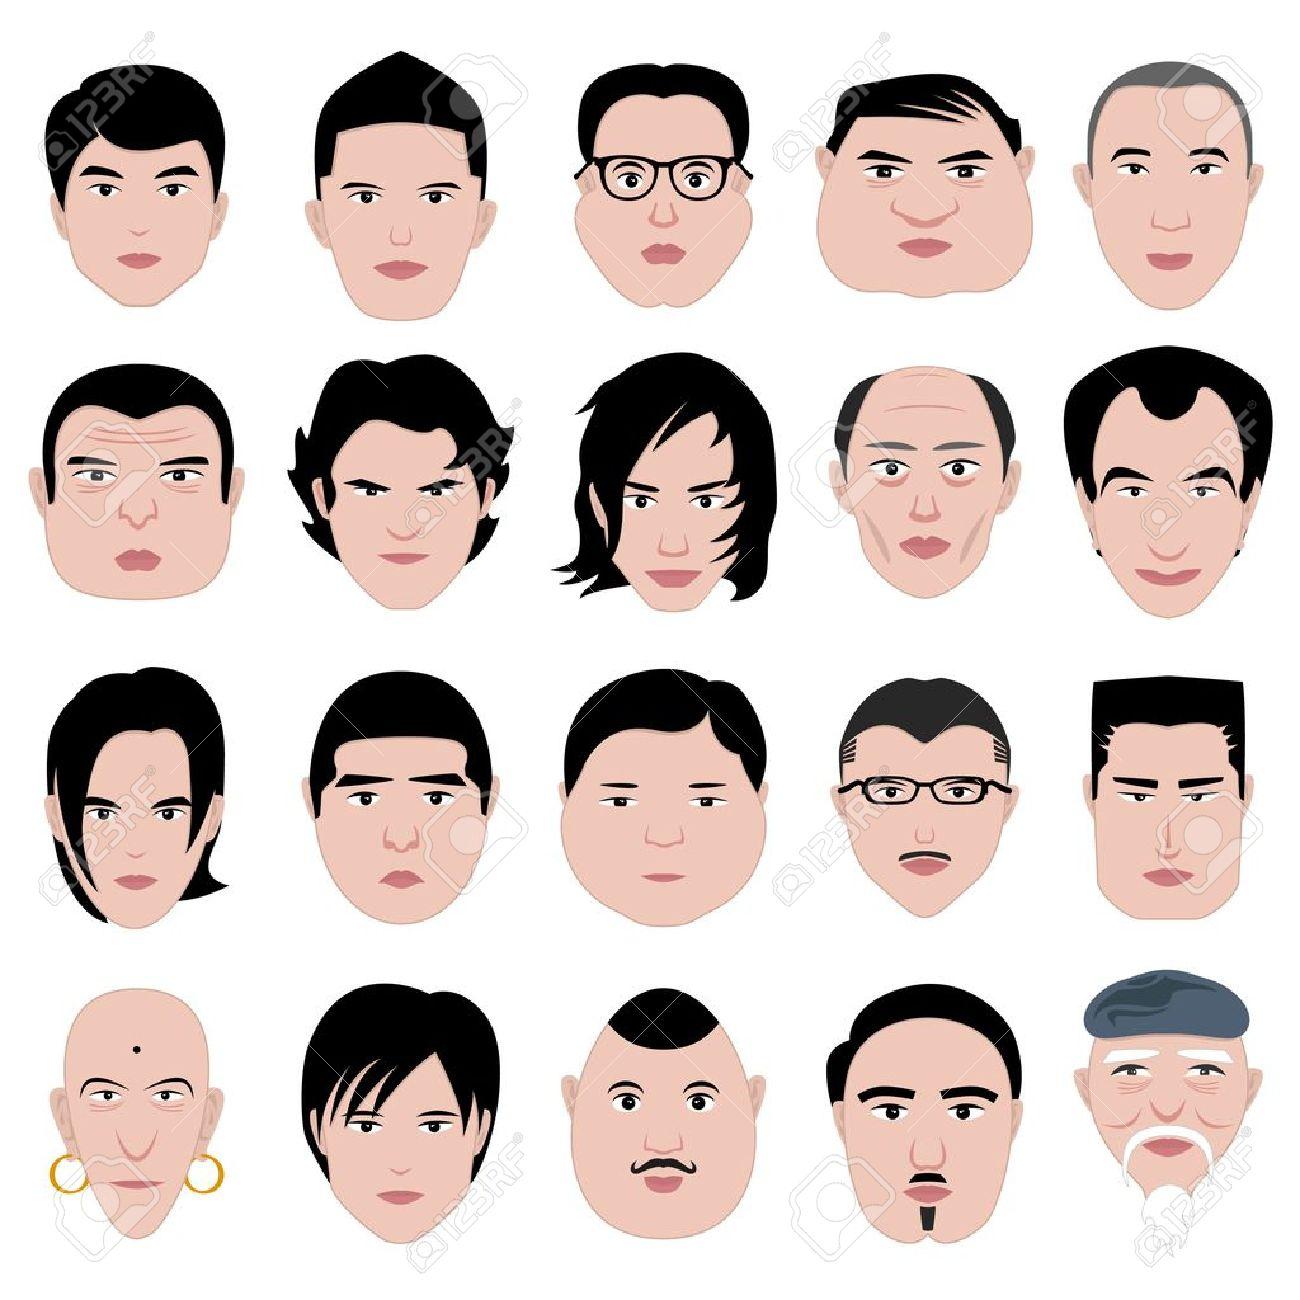 Coupe de cheveux et forme du visage homme